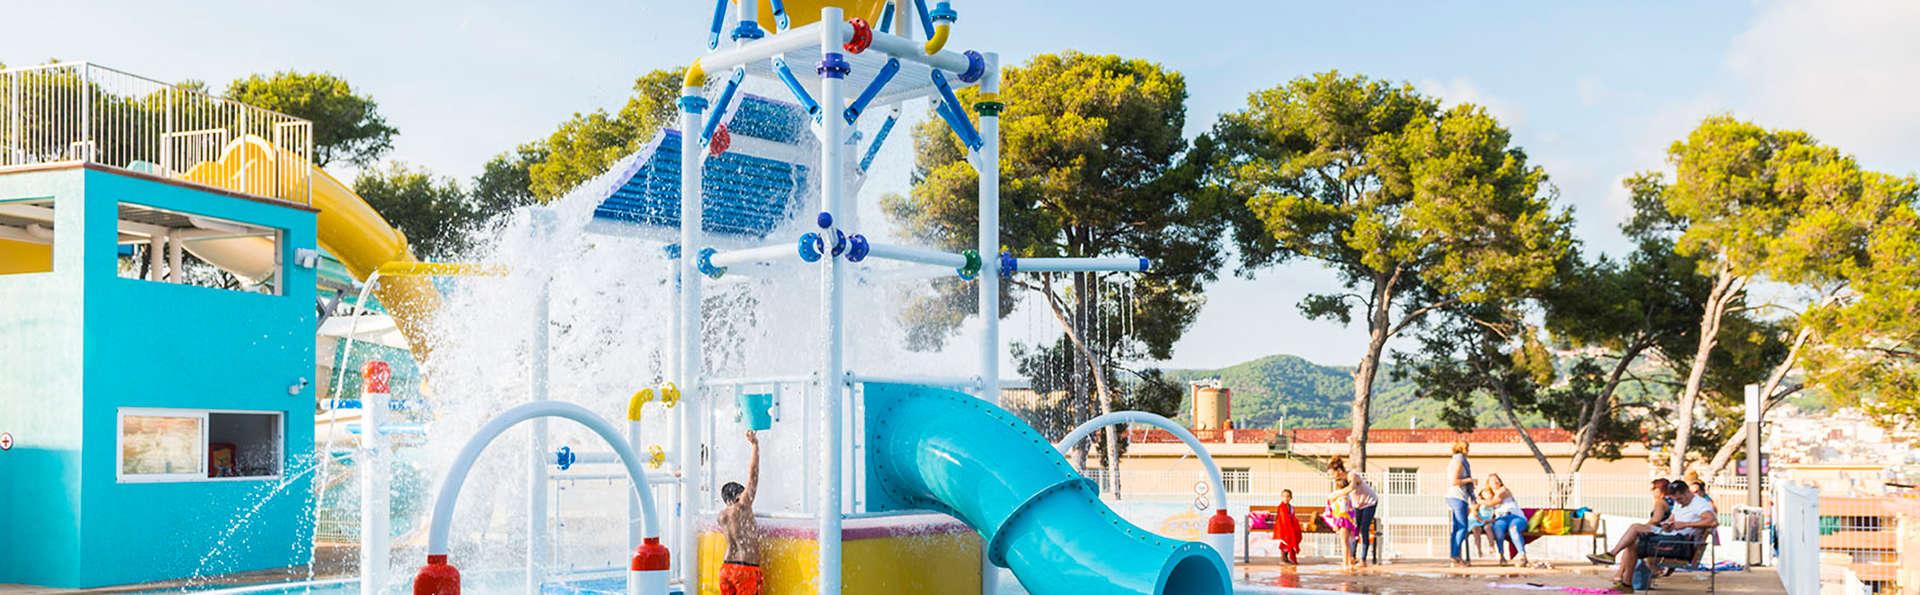 Mini-Vacaciones con niños a la Costa Brava con acceso al parque acuático y en régimen Todo Incluido